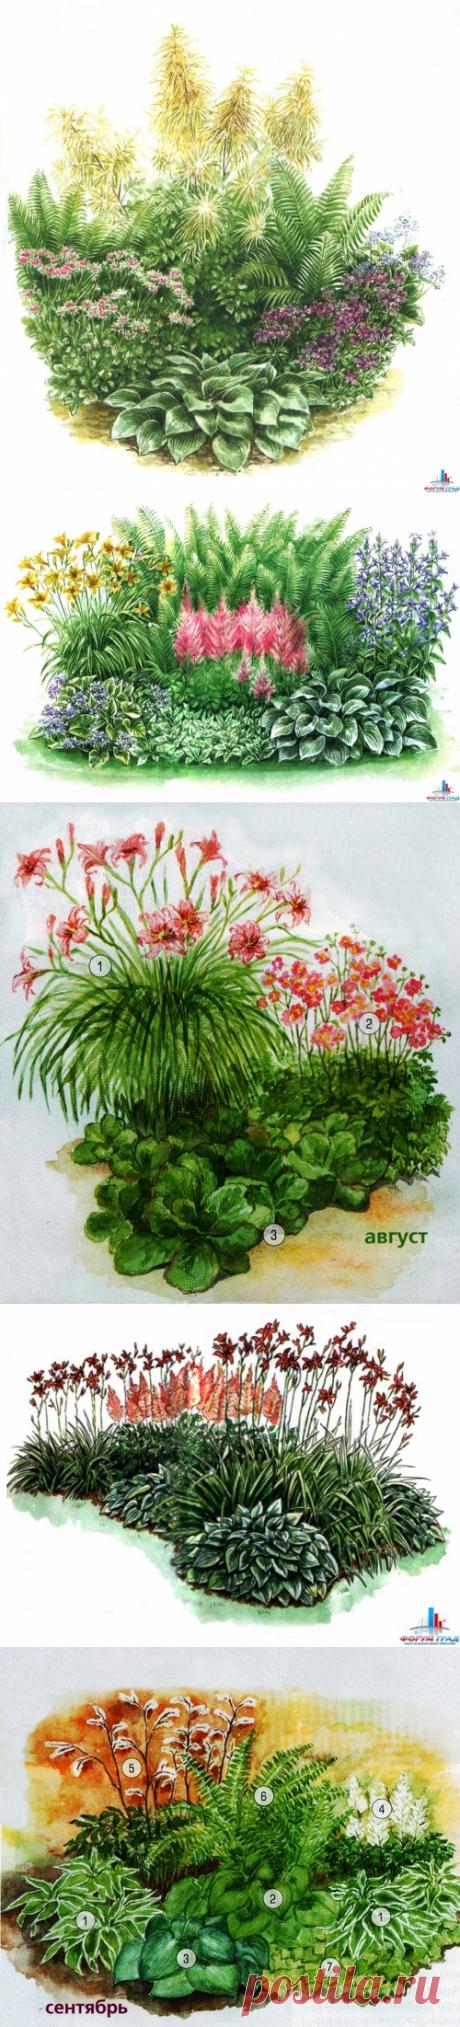 Схемы цветников в тени.: Дневник пользователя Ynat